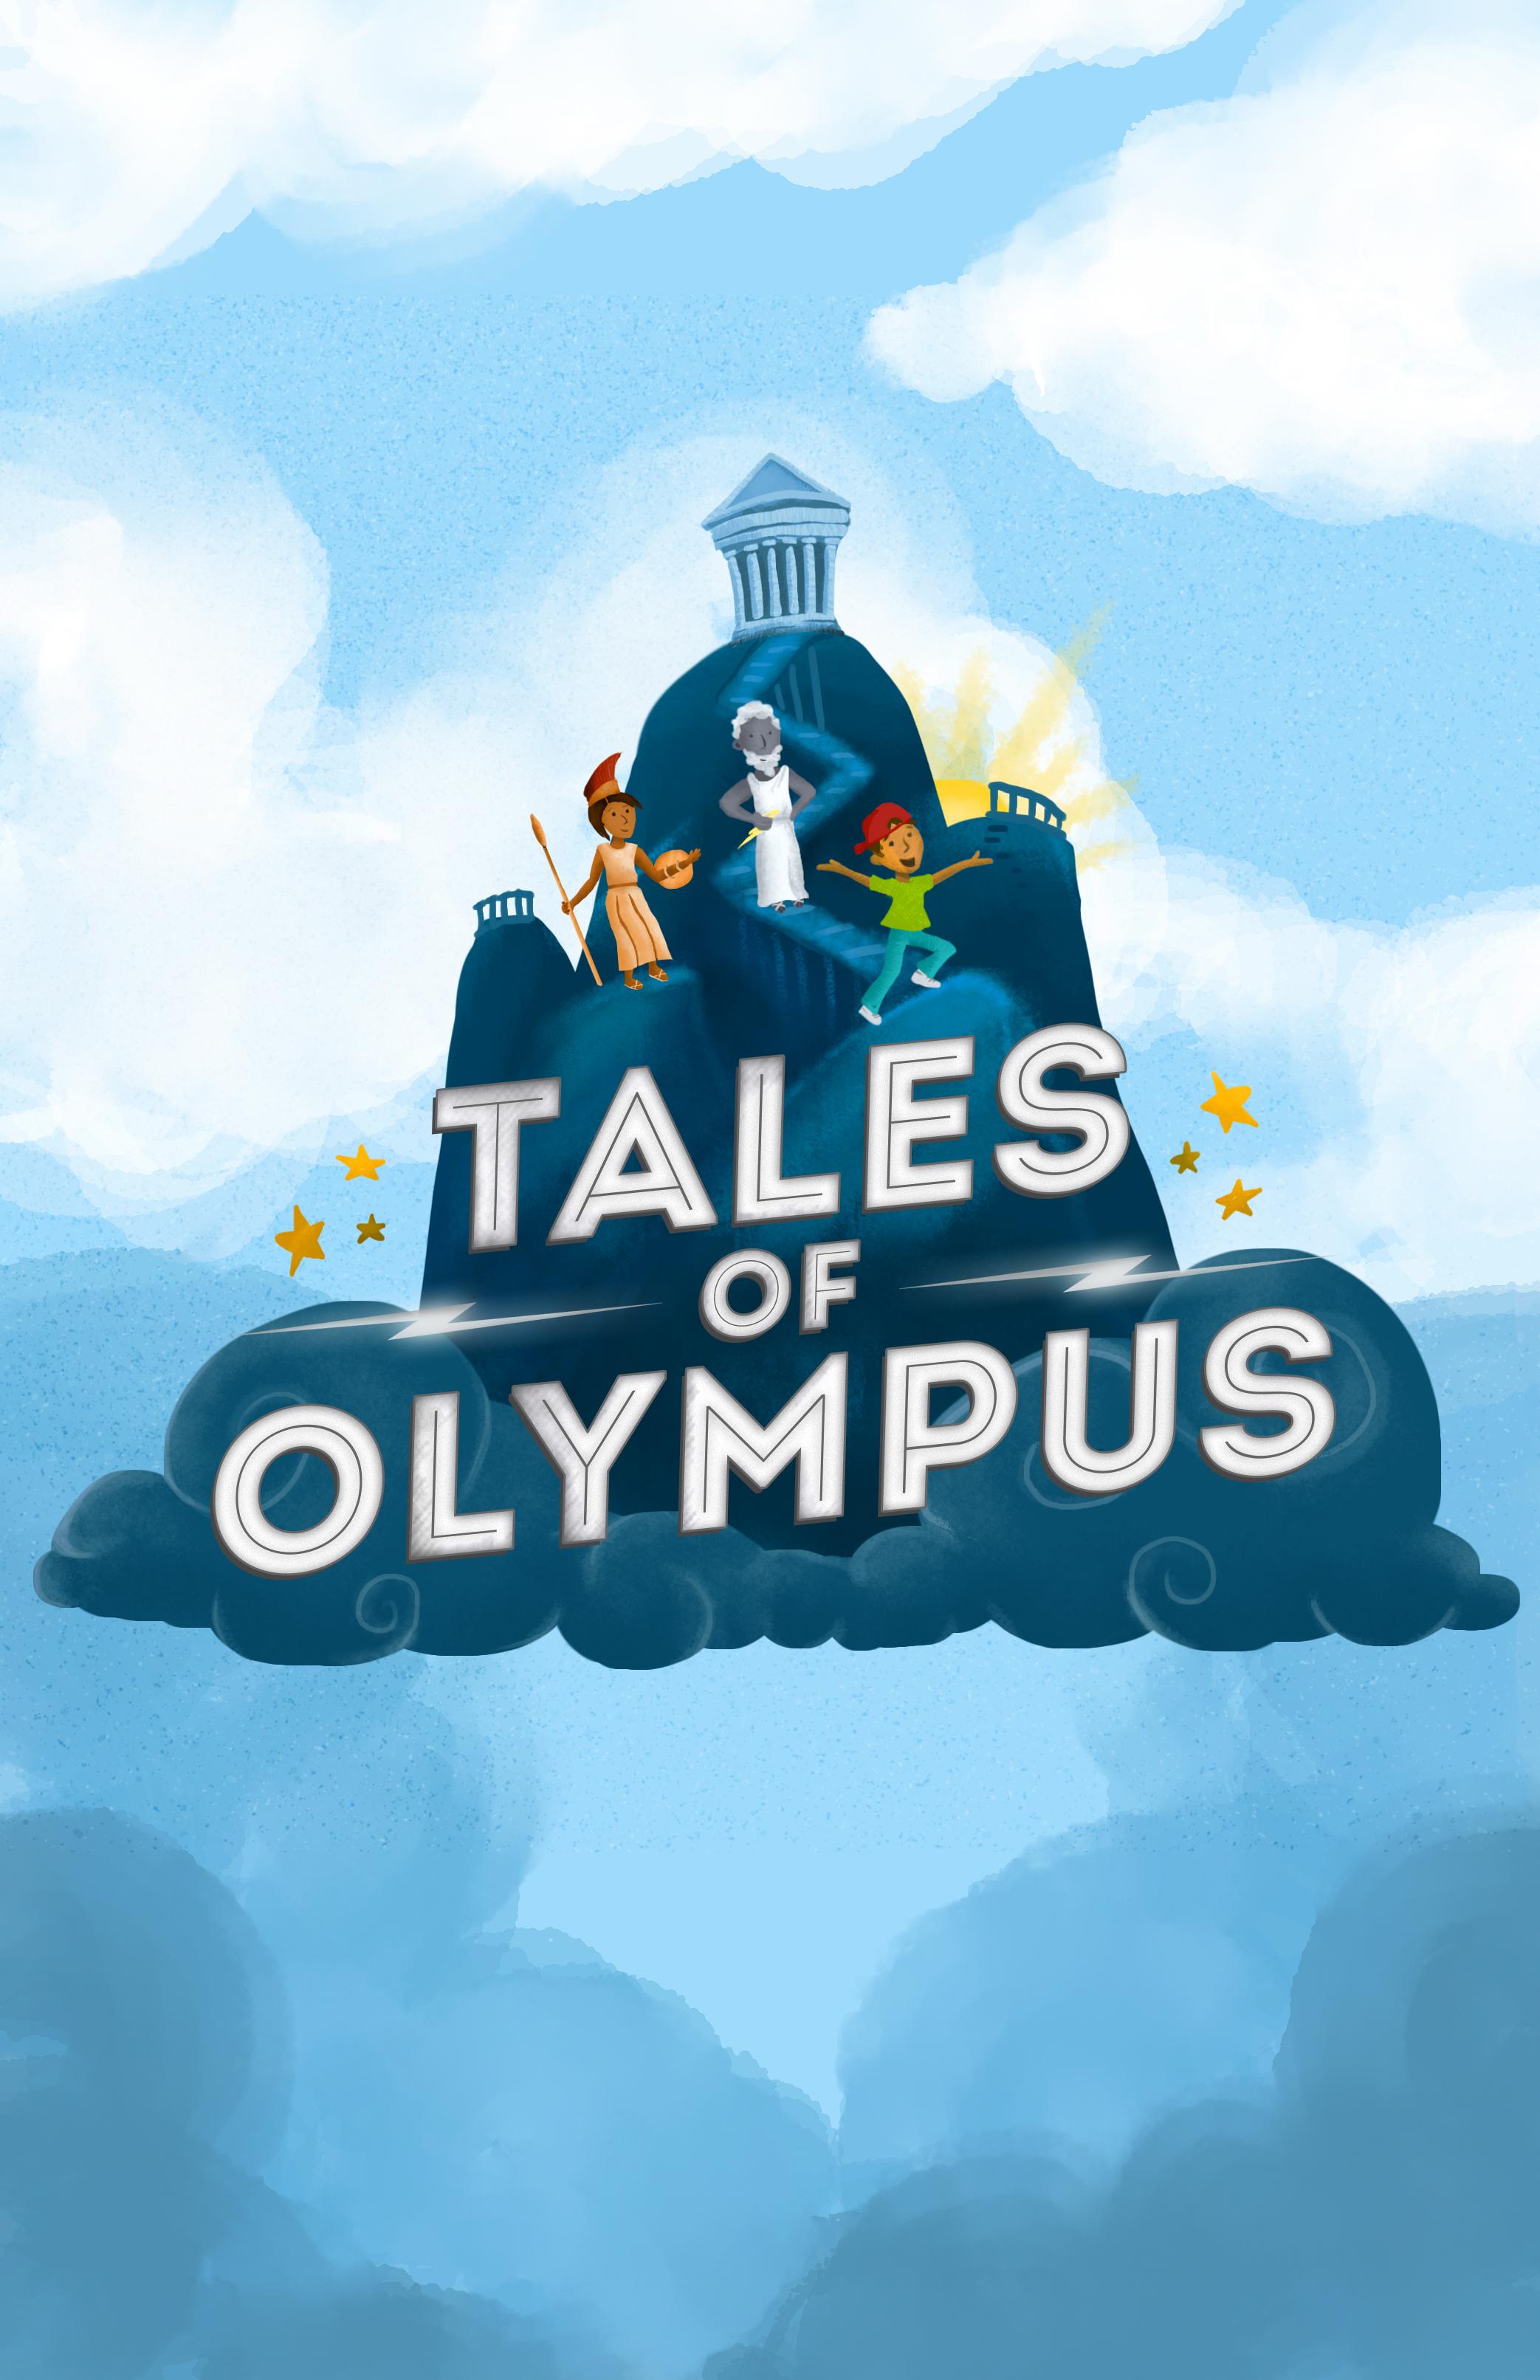 Tales of Olympus